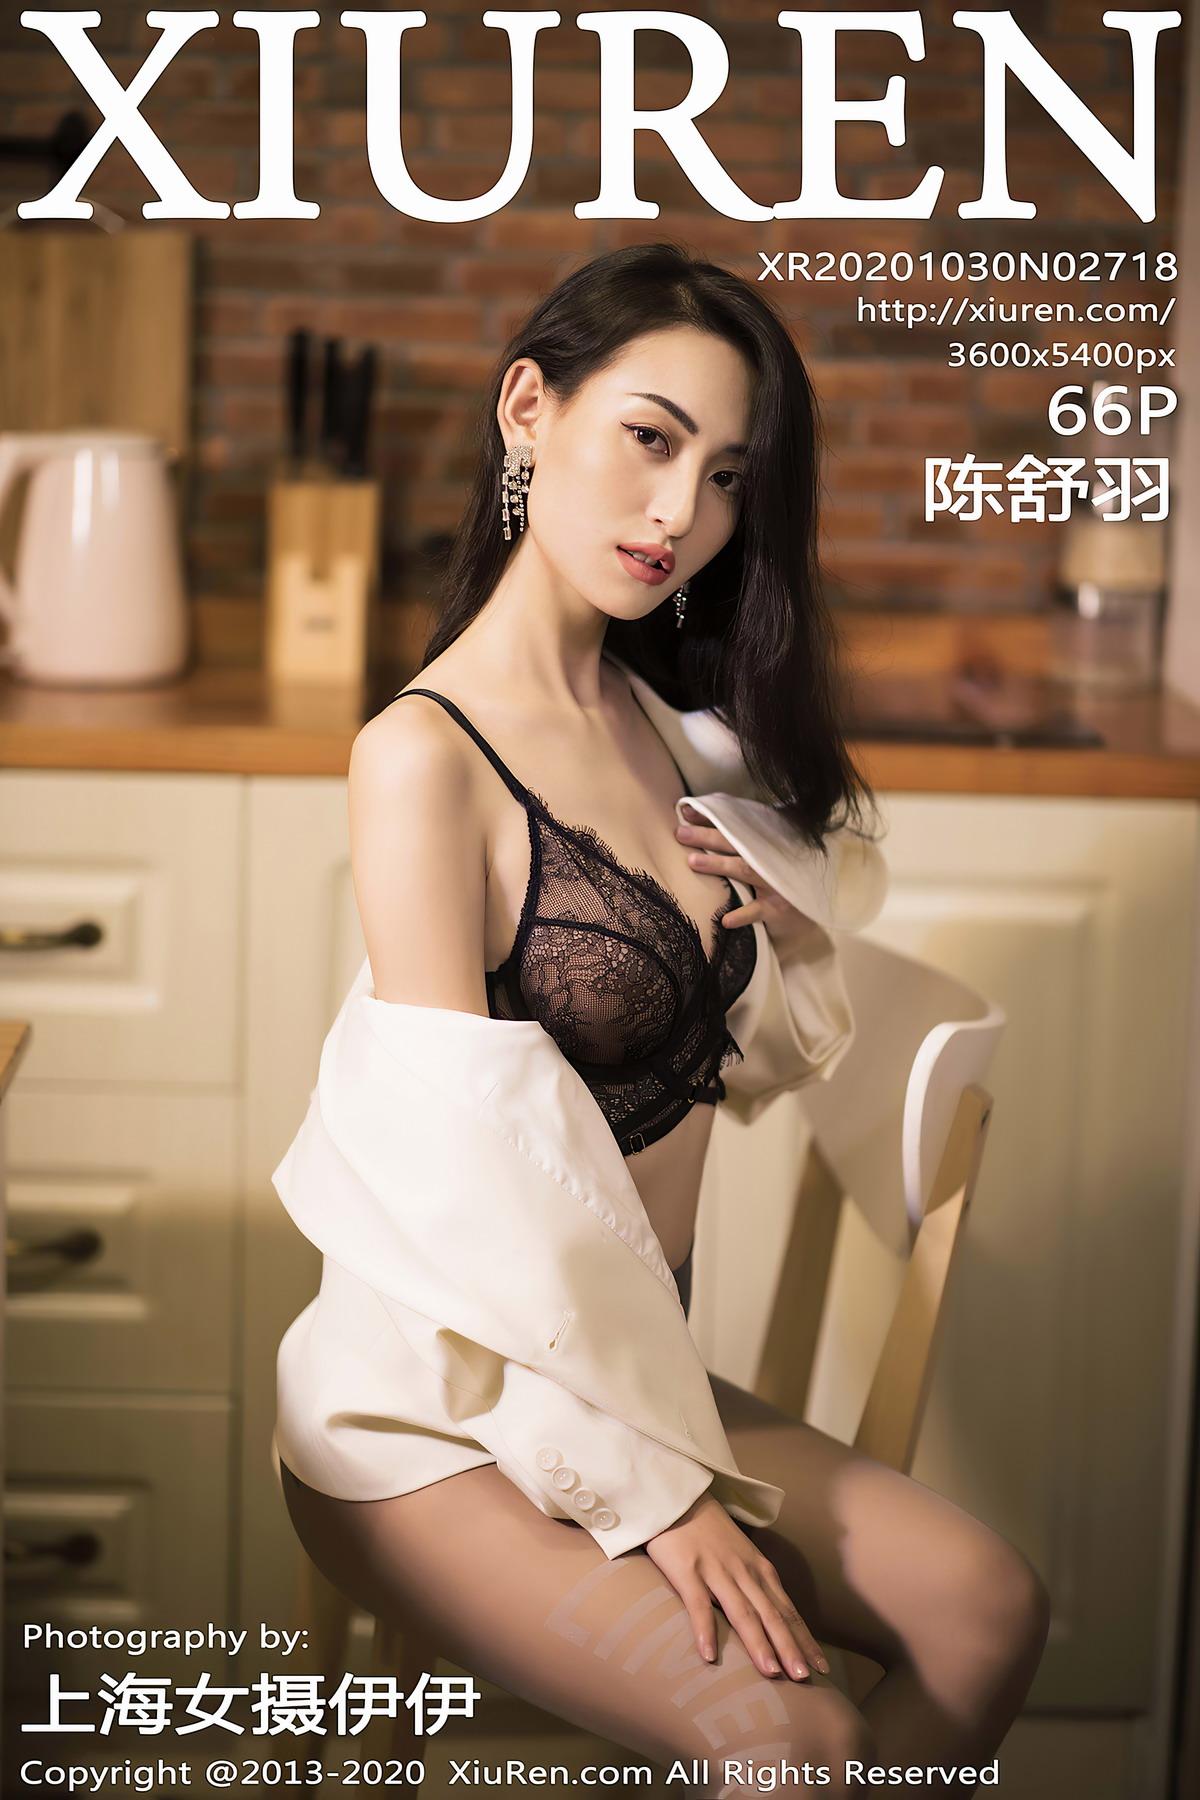 [Xiuren秀人网]2020.10.30 NO.2718 陈舒羽[/634MB]